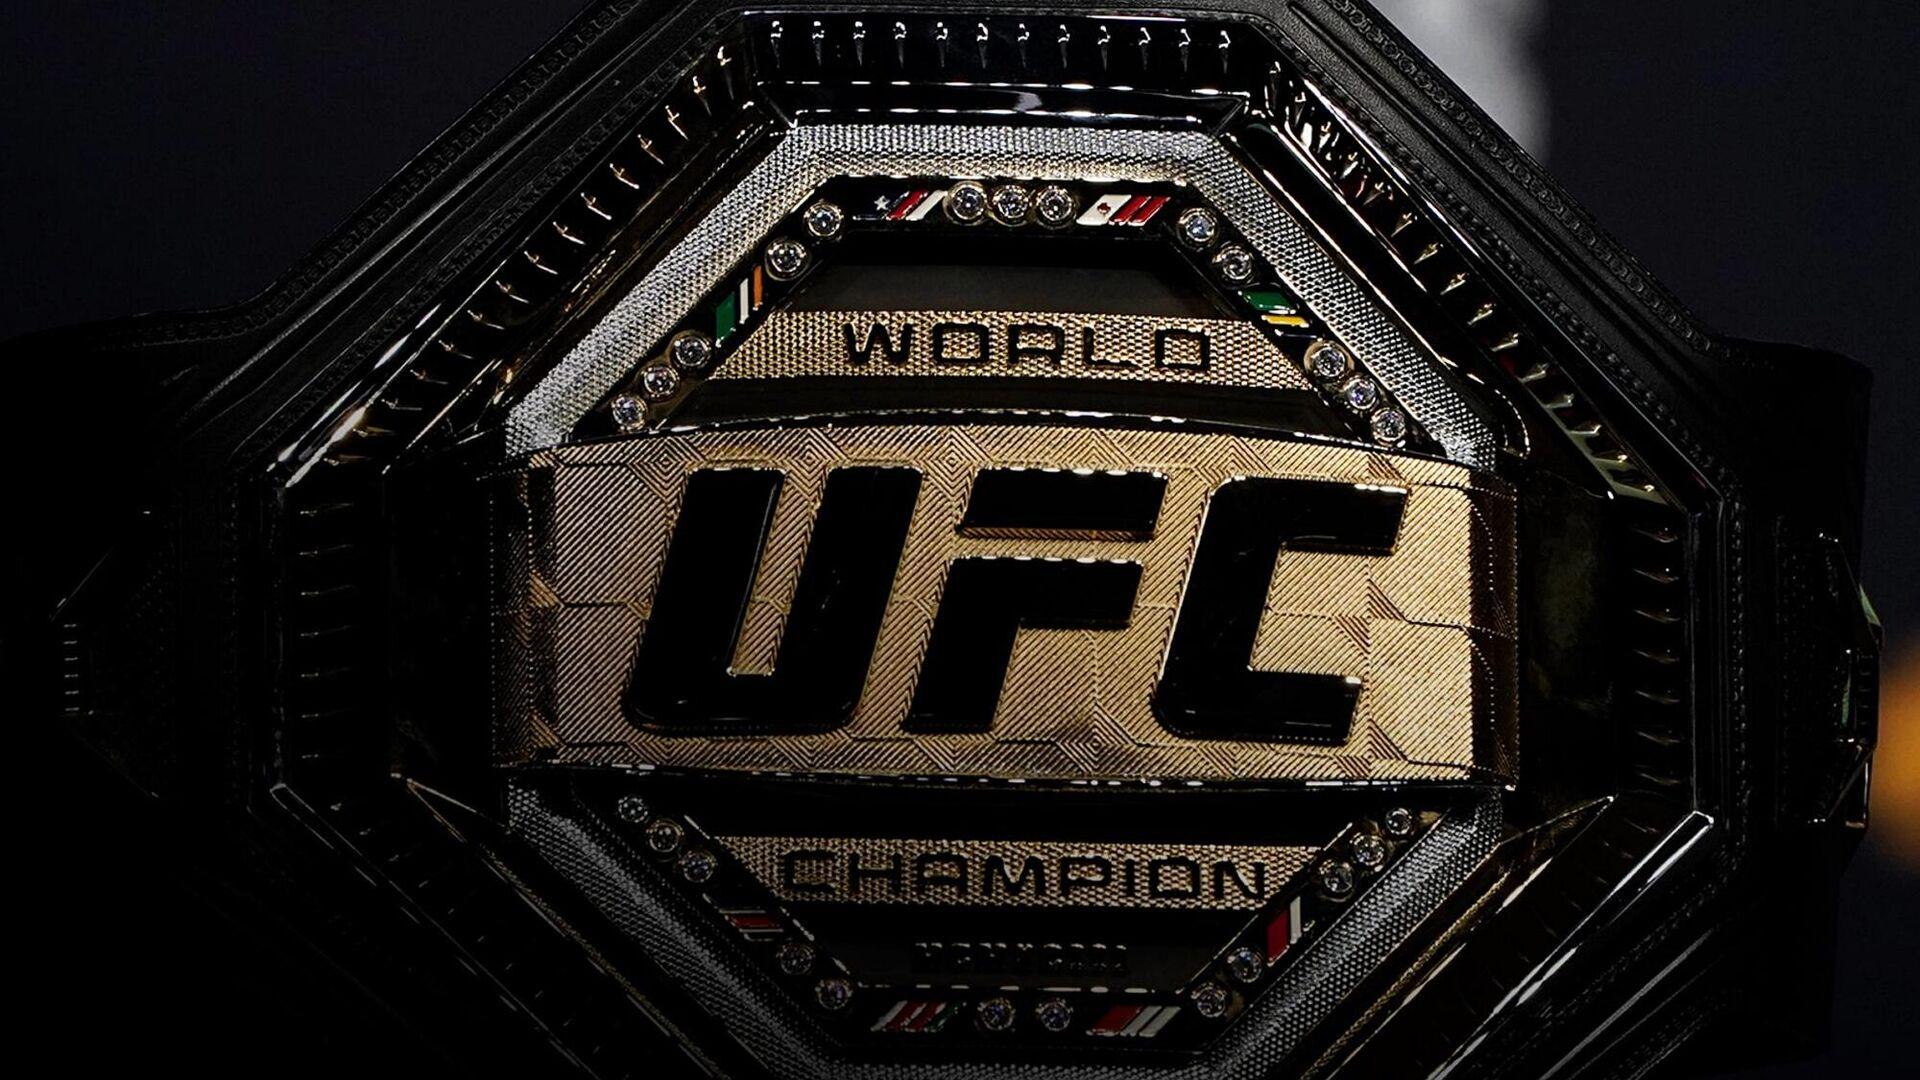 Пояс UFC - РИА Новости, 1920, 24.09.2021